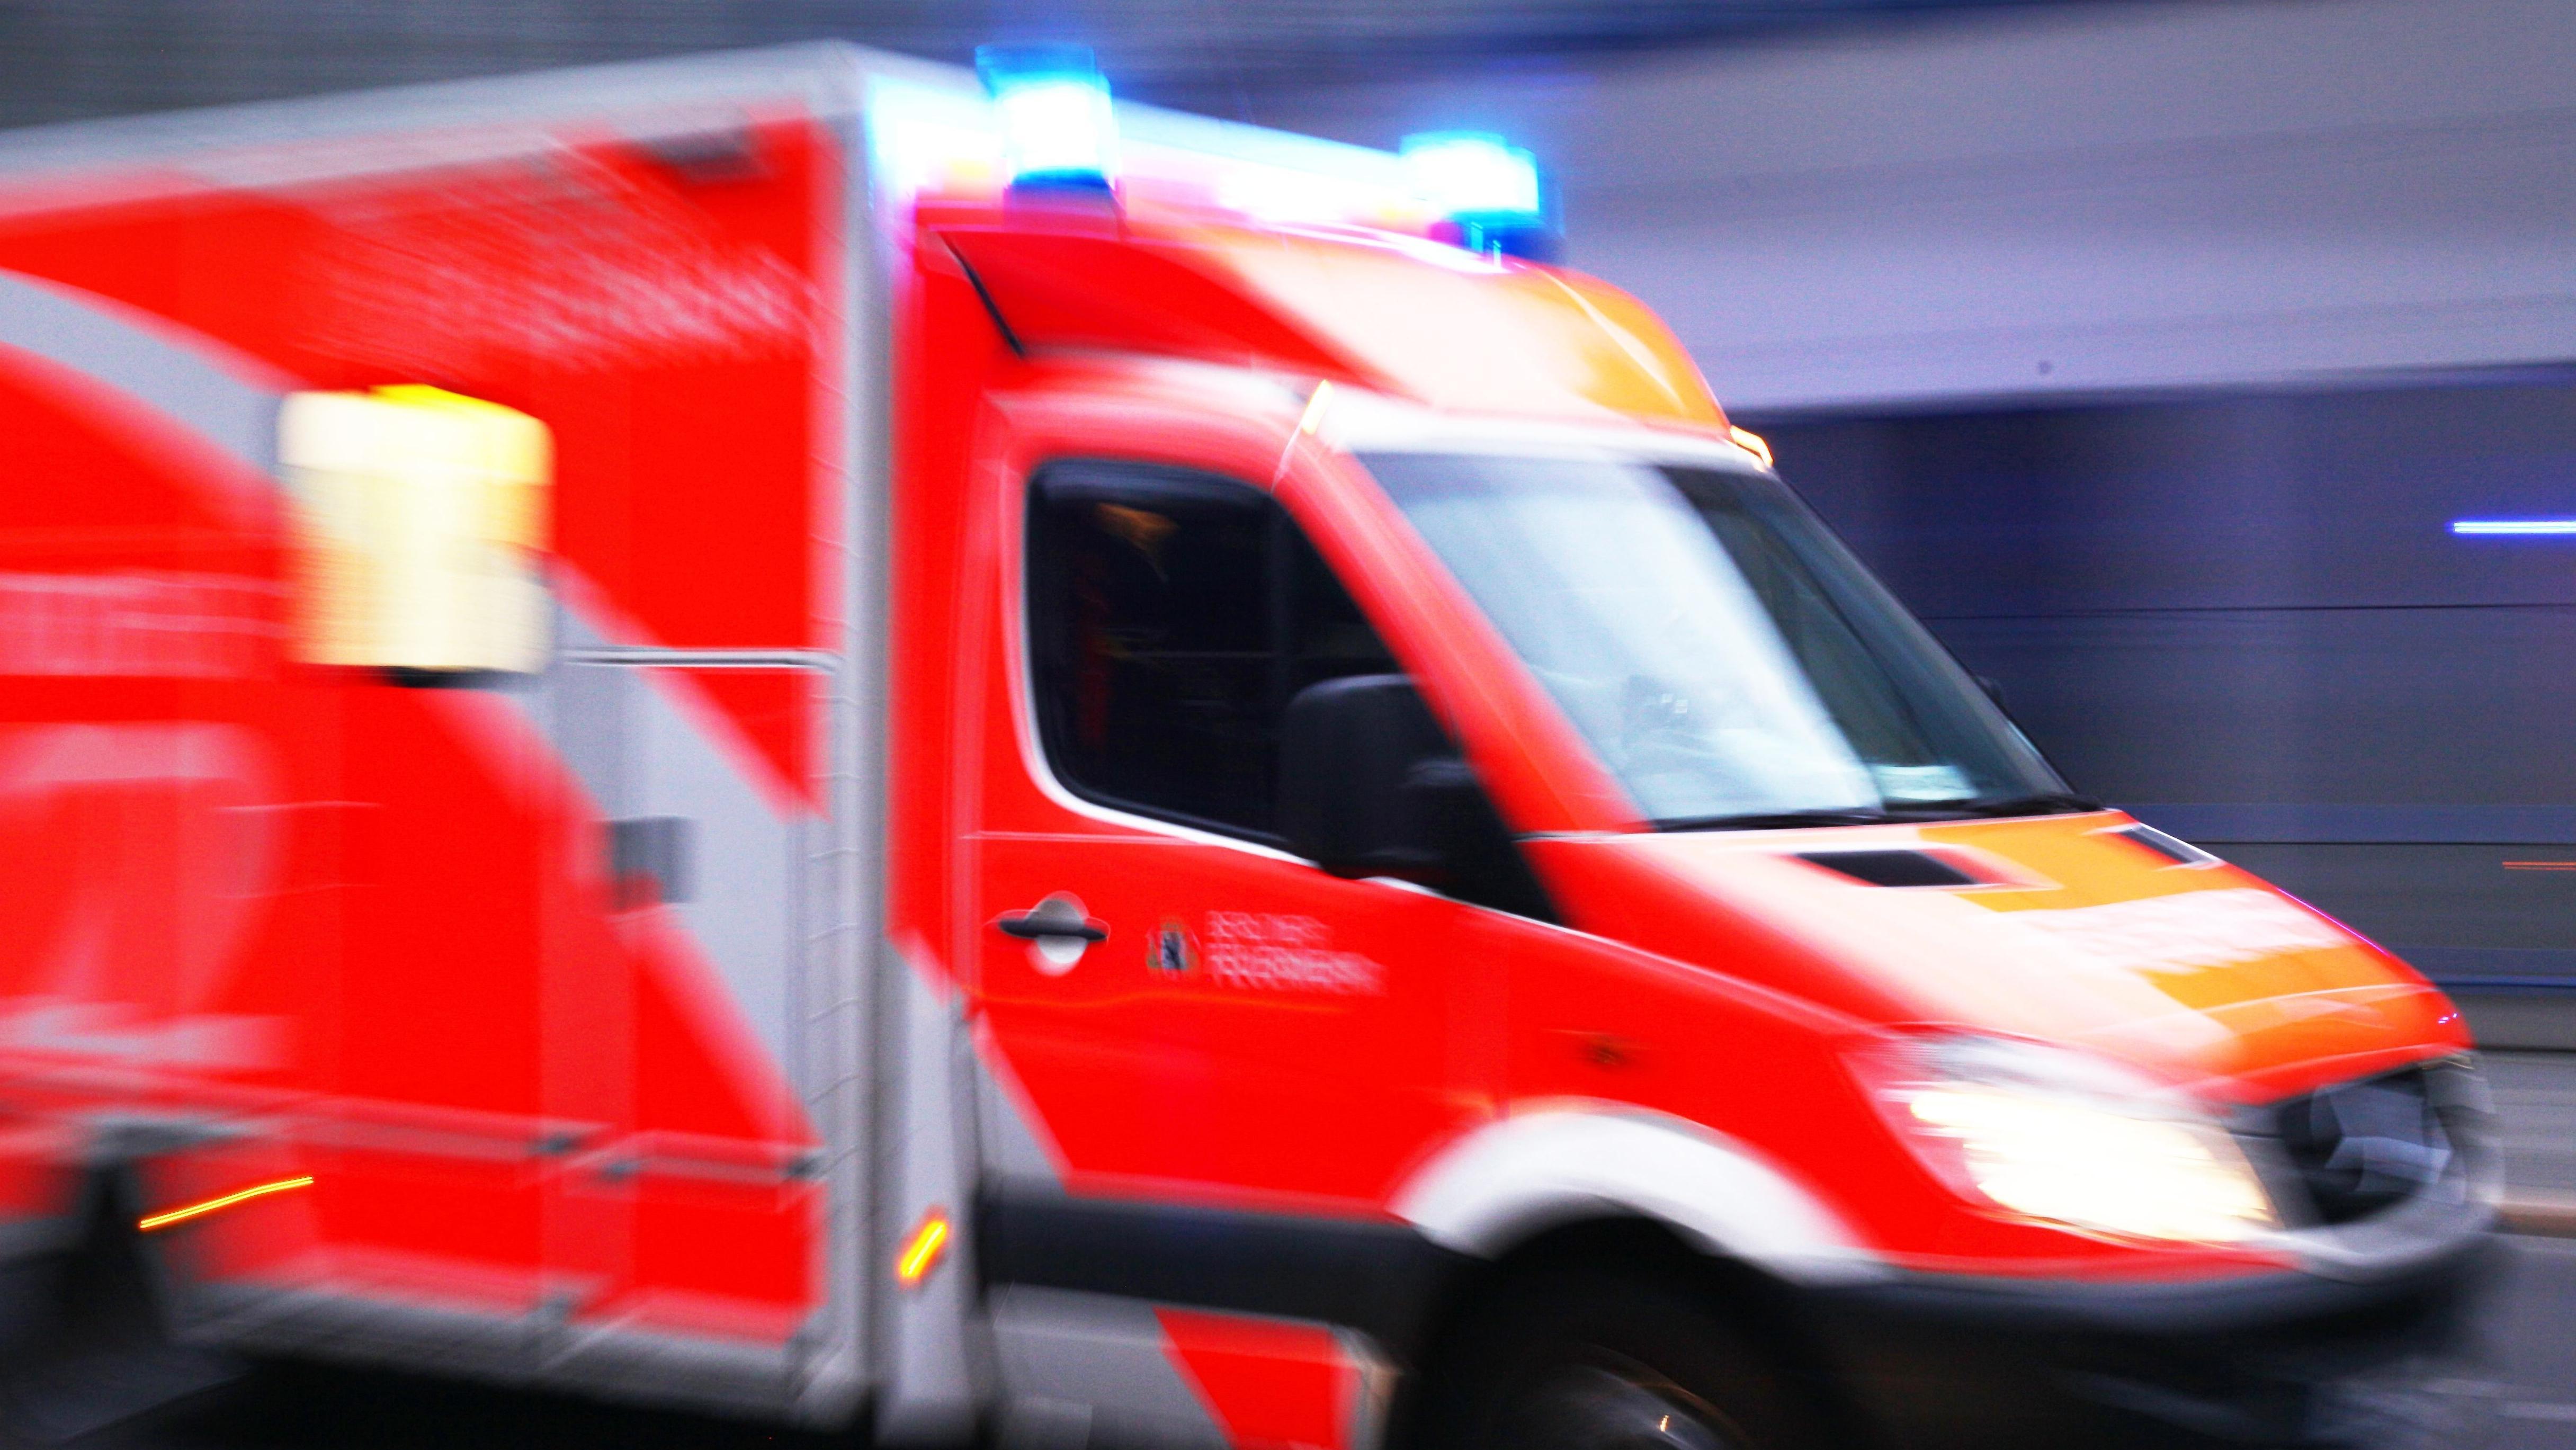 Fußgängerin über Mauer gestürzt und tödlich verletzt